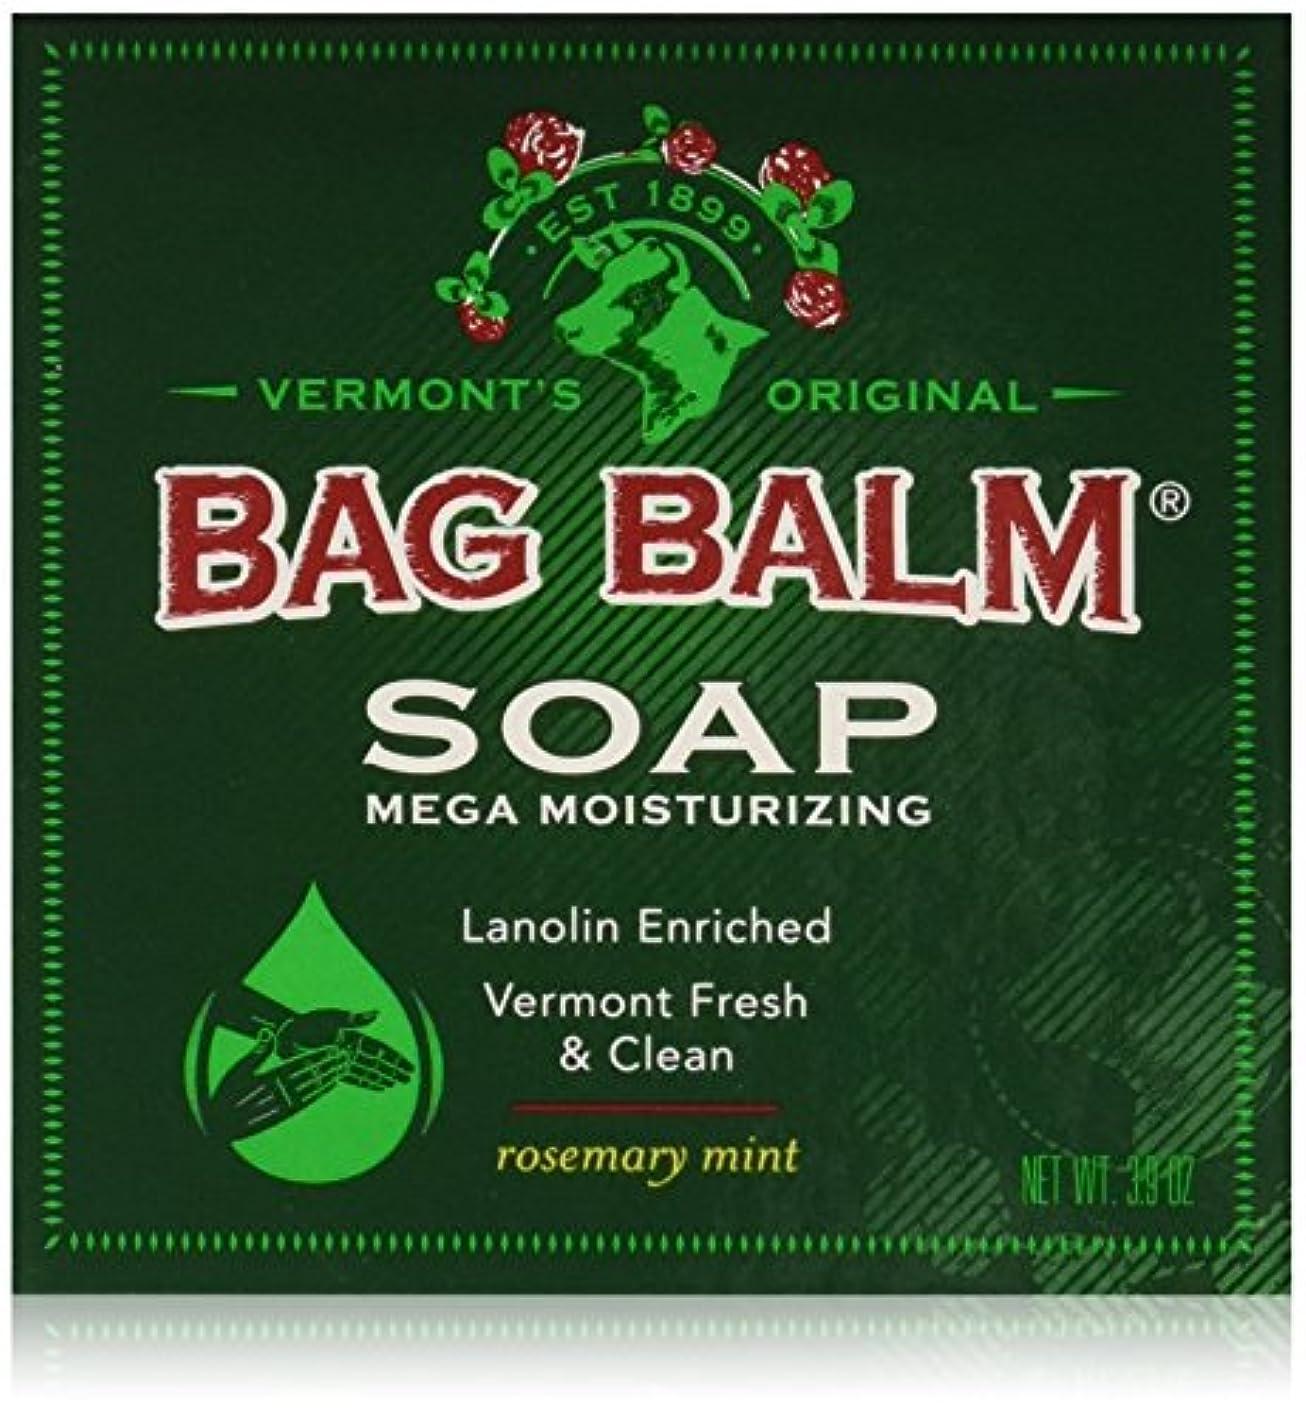 シットコム器用初期のバッグバームの新作 メガモイスチャライジングソープ 3.9オンス 乾燥したお肌にモイスチャライズ石鹸